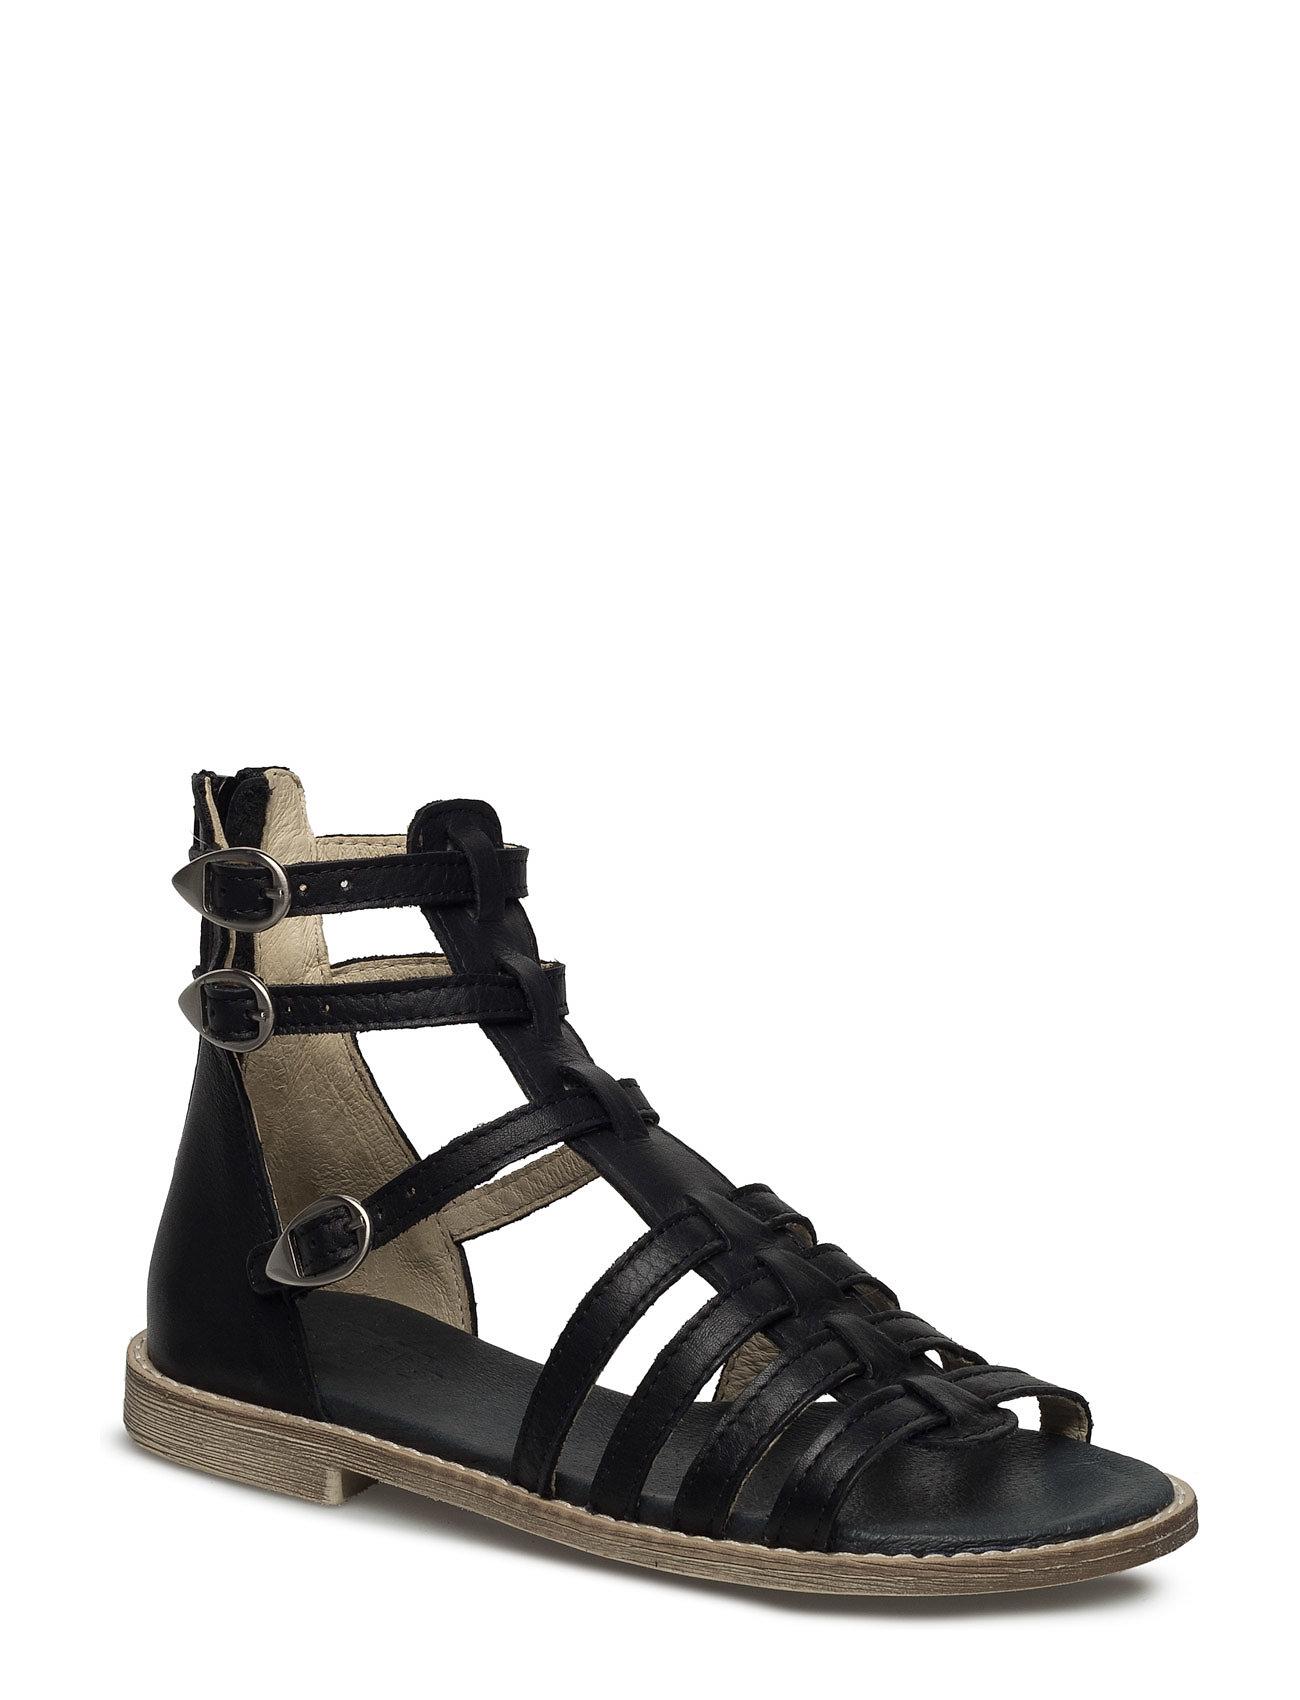 Ecological gladiator sandal, super soft sole fra arauto rap fra boozt.com dk